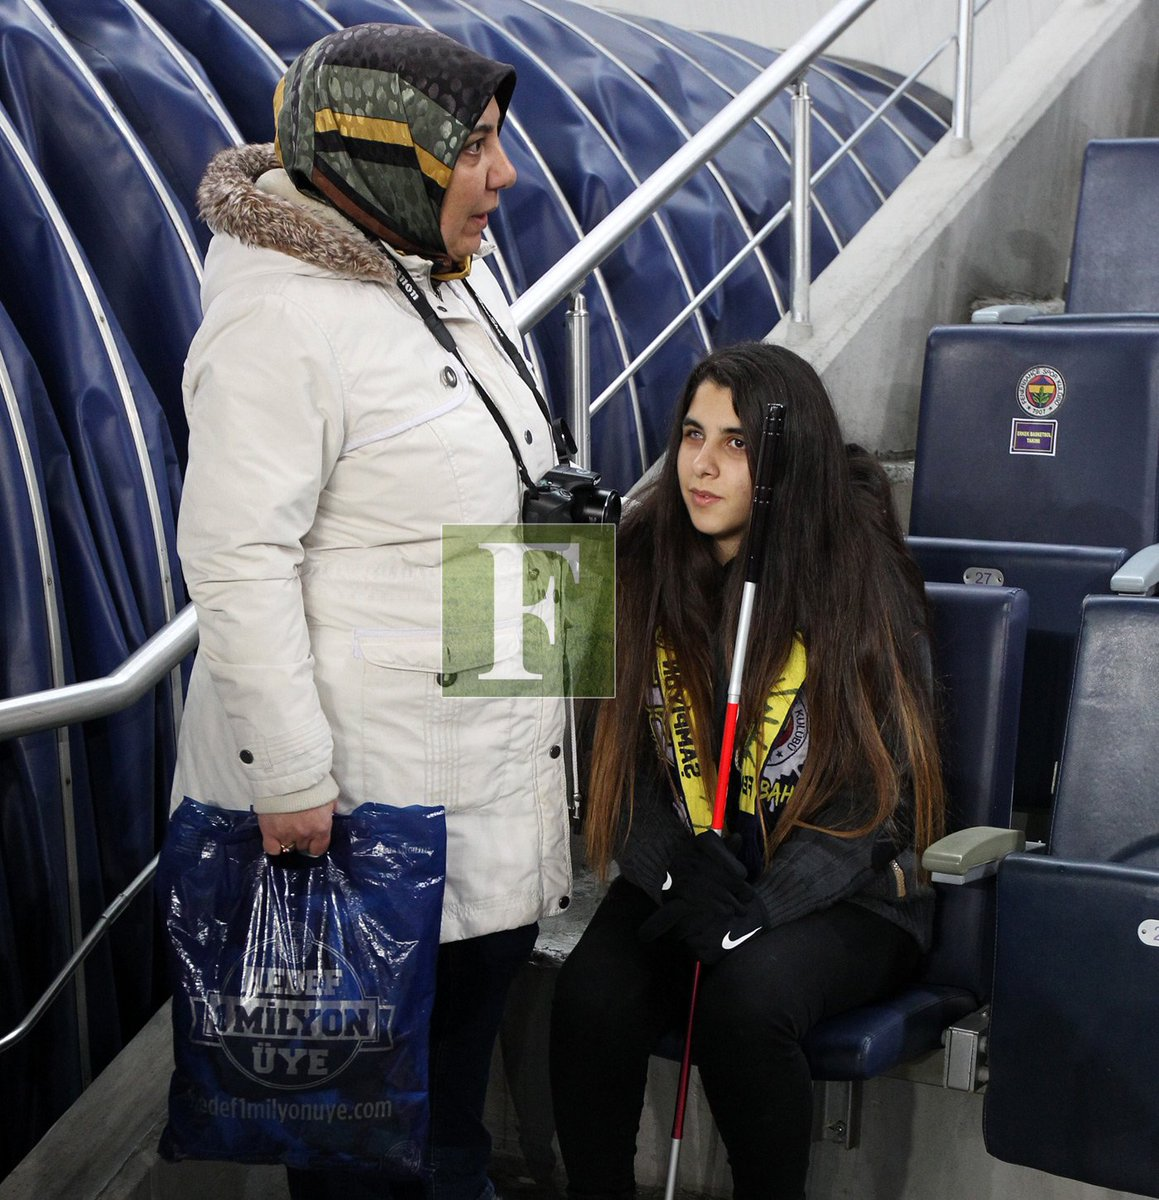 Görme engelli kızına maçı anlatan fedakar anne #Fenerbahçe https://t.c...